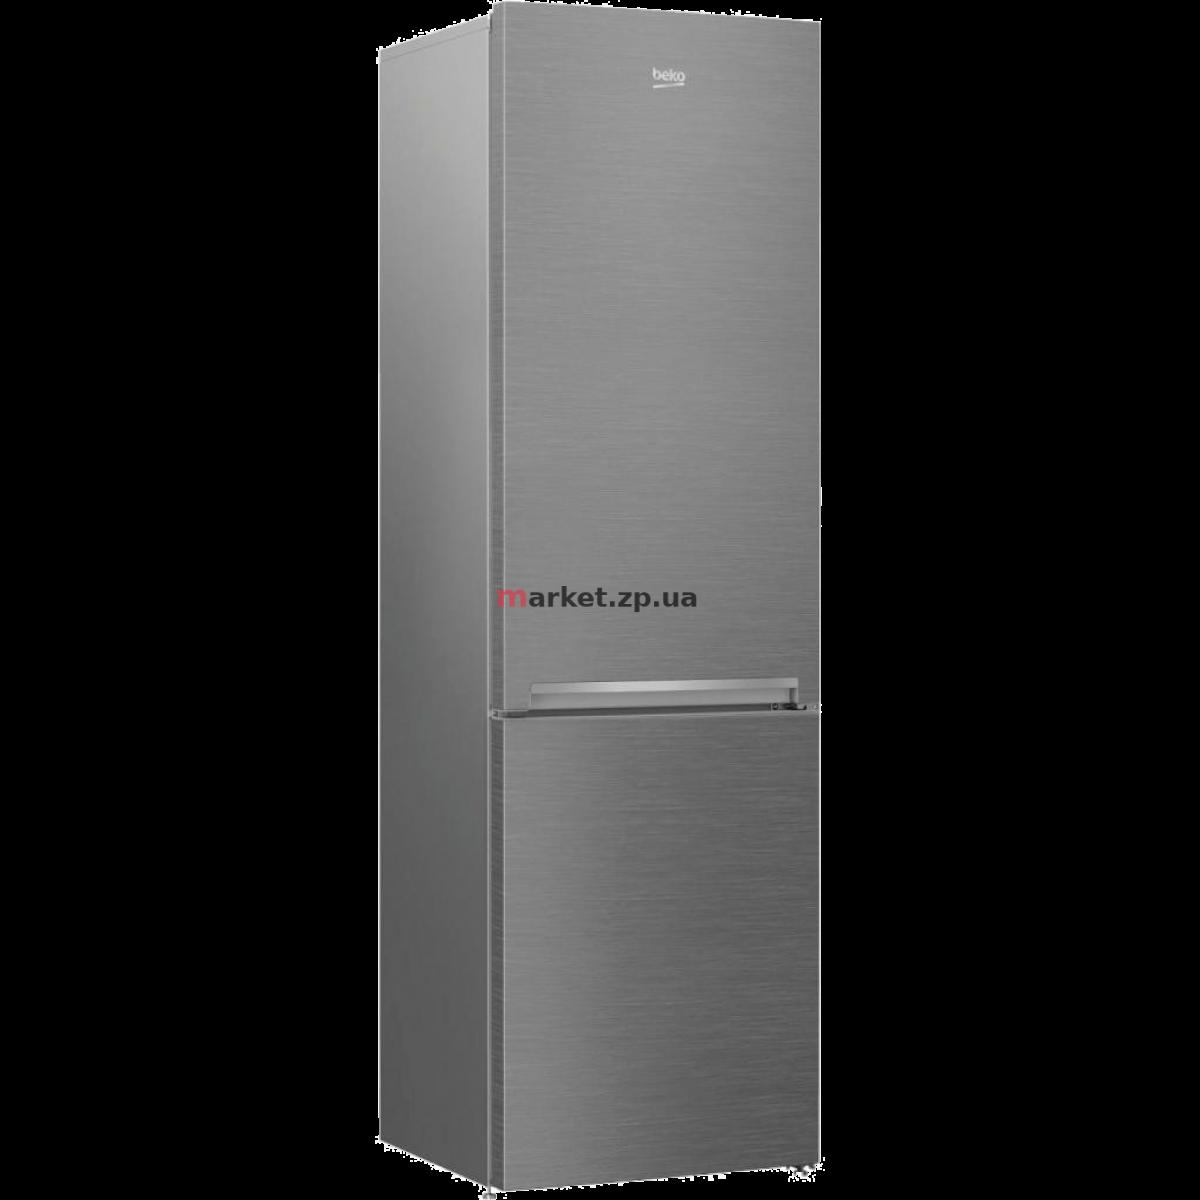 Холодильник  BEKO RCNA 355 K20 PT нержавейка